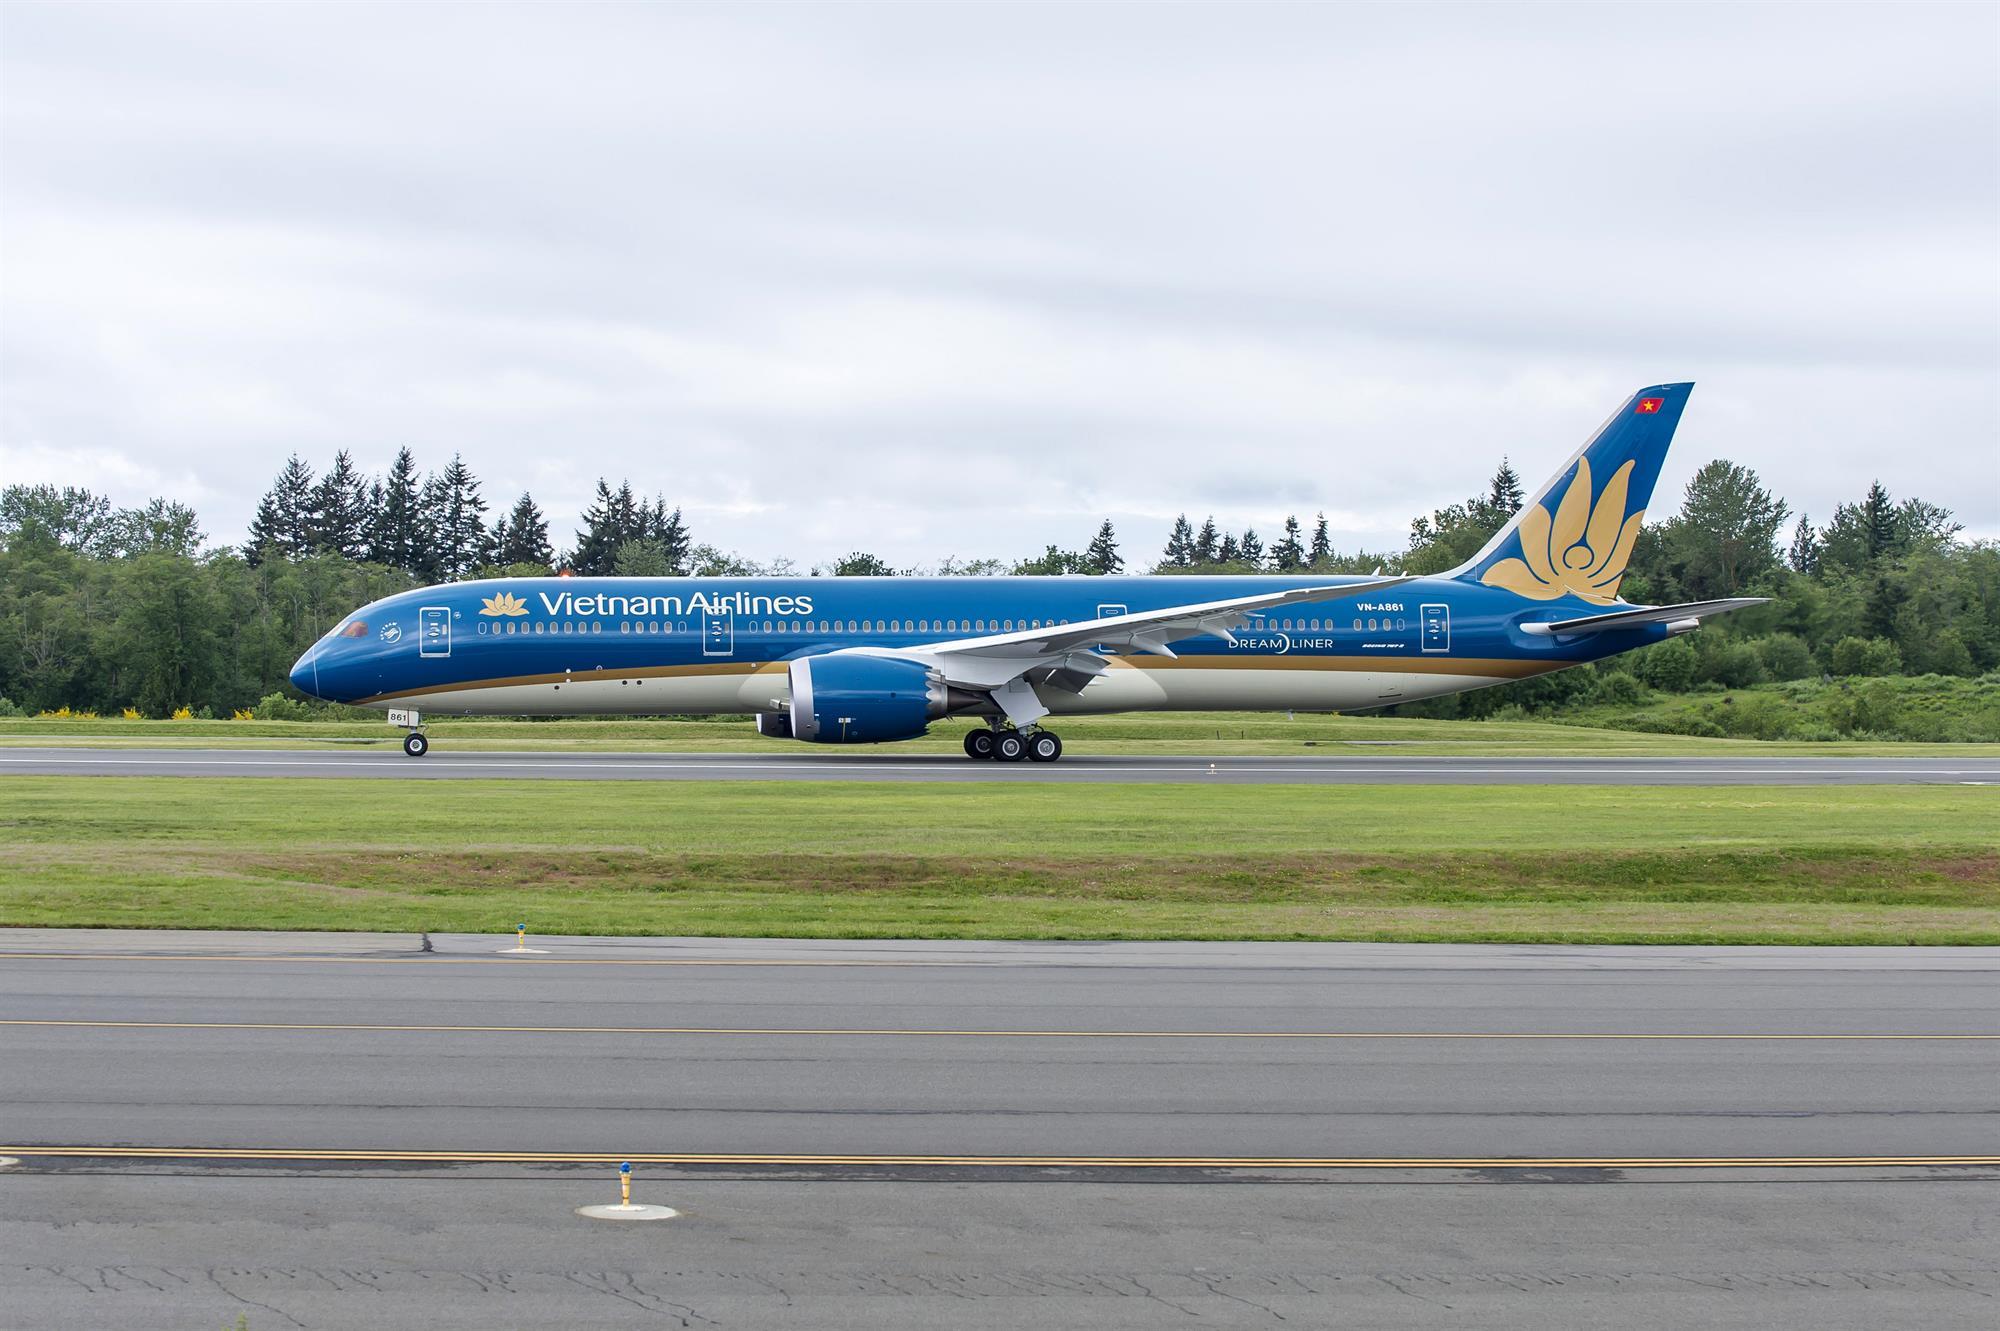 Hành khách bay nội địa trên VNA sẽ phải khai báo y tế điện tử trước khi khởi hành